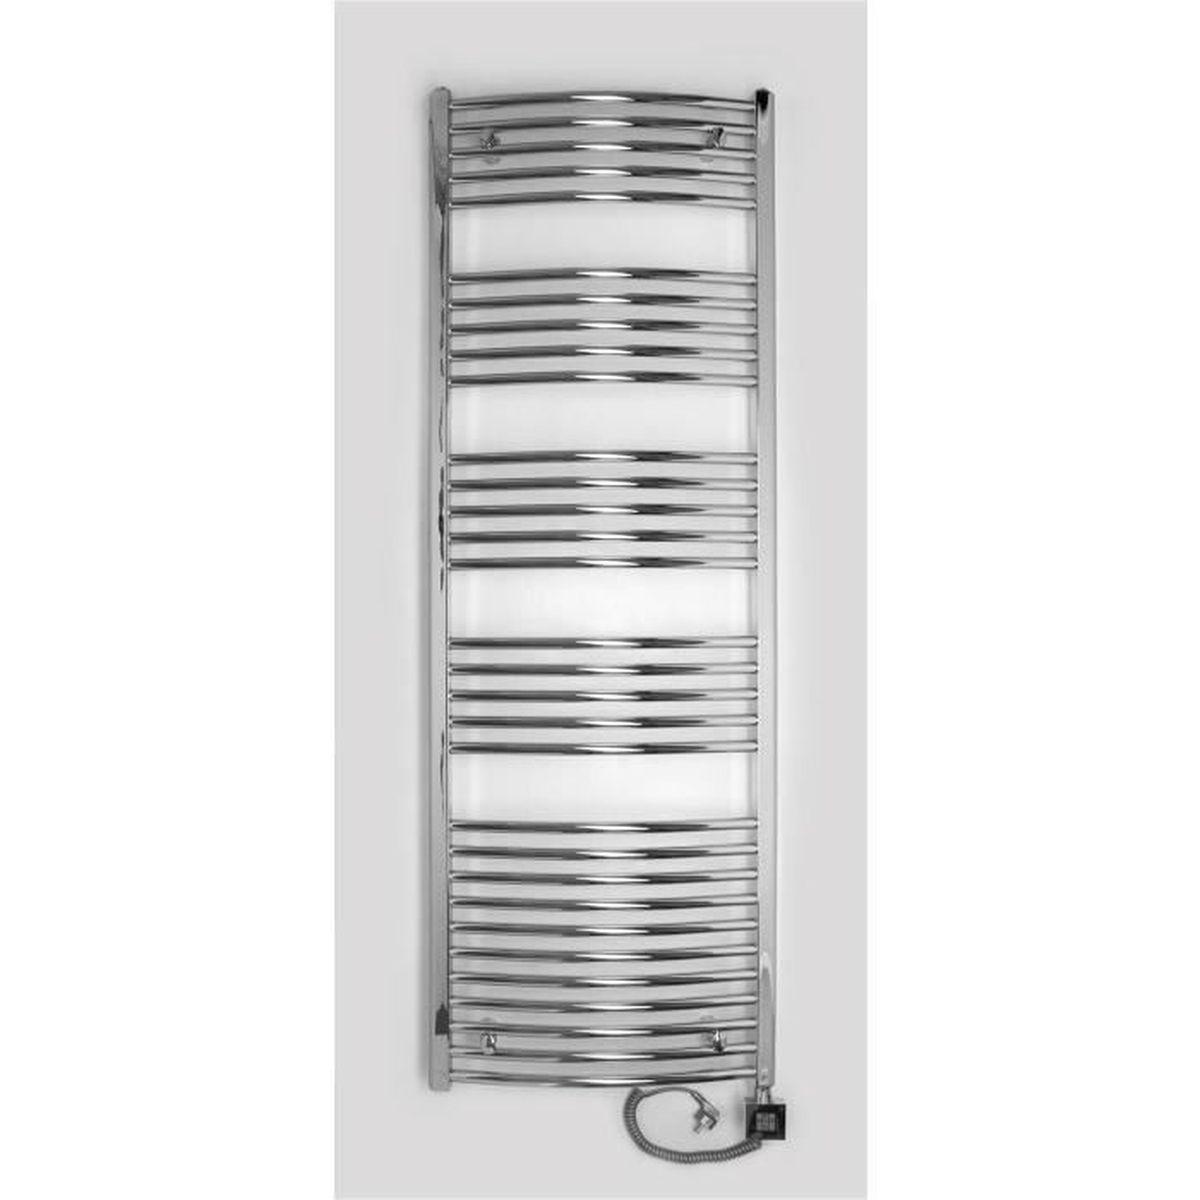 radiateur lectrique seche serviette chrom 509 watts barres courb es 1775htx500l achat. Black Bedroom Furniture Sets. Home Design Ideas